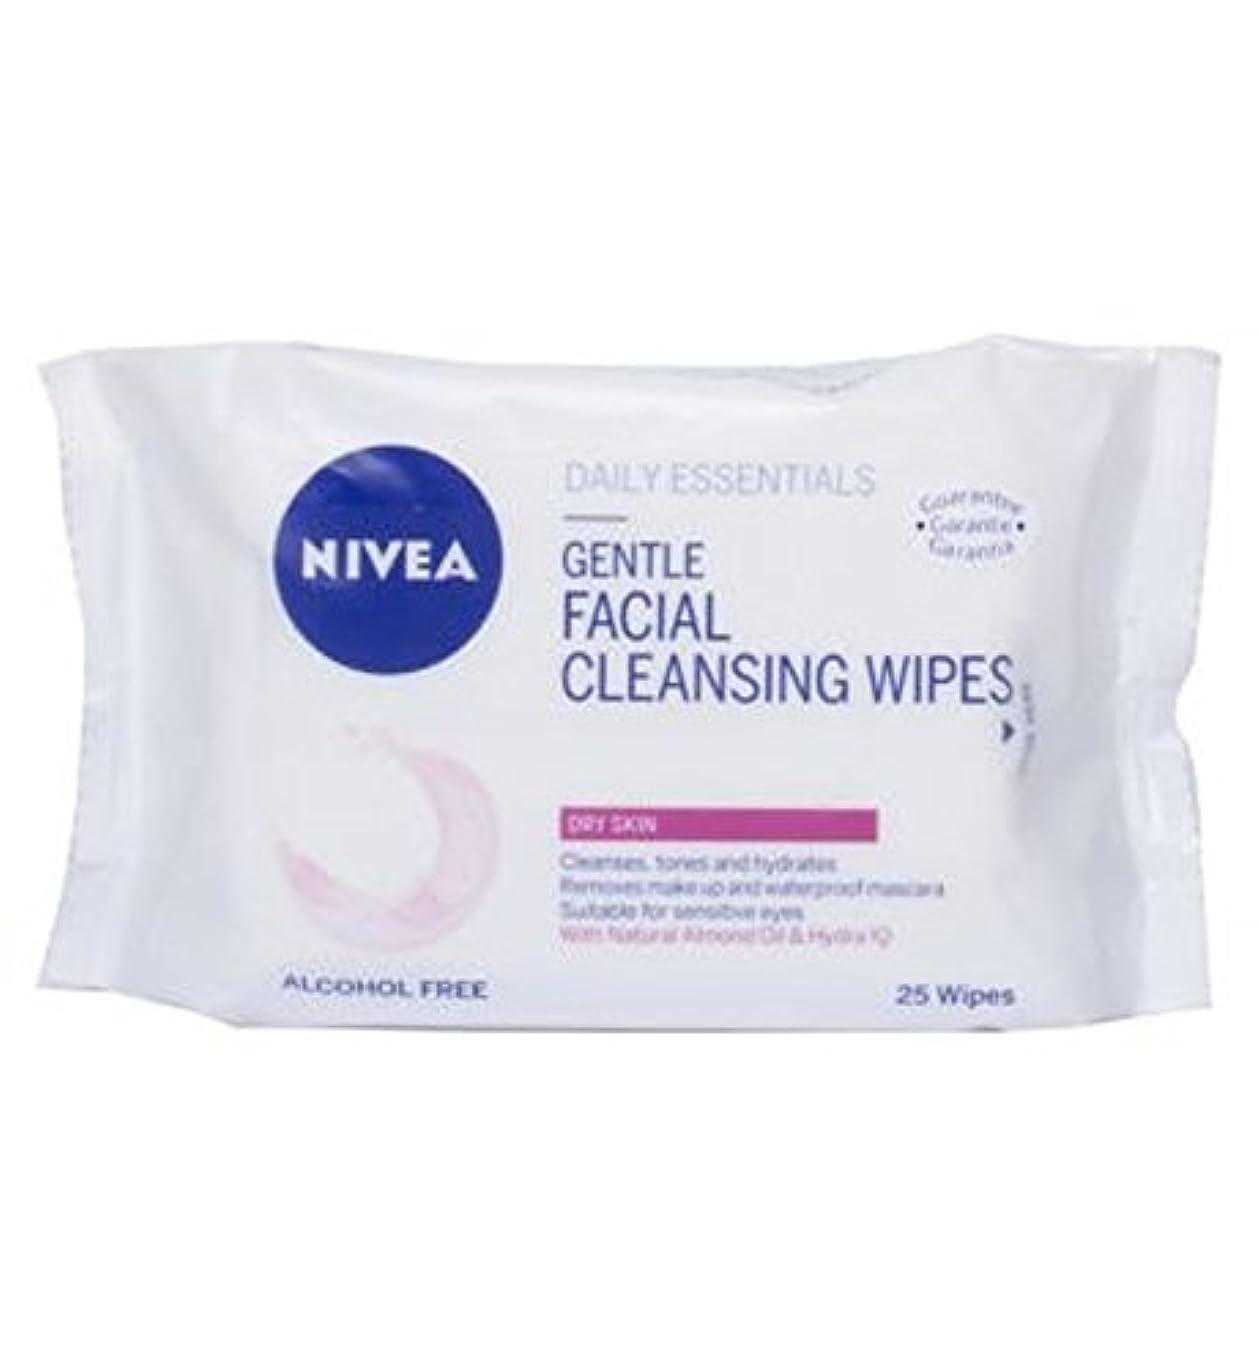 詐欺予算発掘するNivea Daily Essentials Gentle Facial Cleansing Wipes For Dry Skin 25s - ニベア生活必需品優しい洗顔は乾燥肌の25S用のワイプ (Nivea) [並行輸入品]